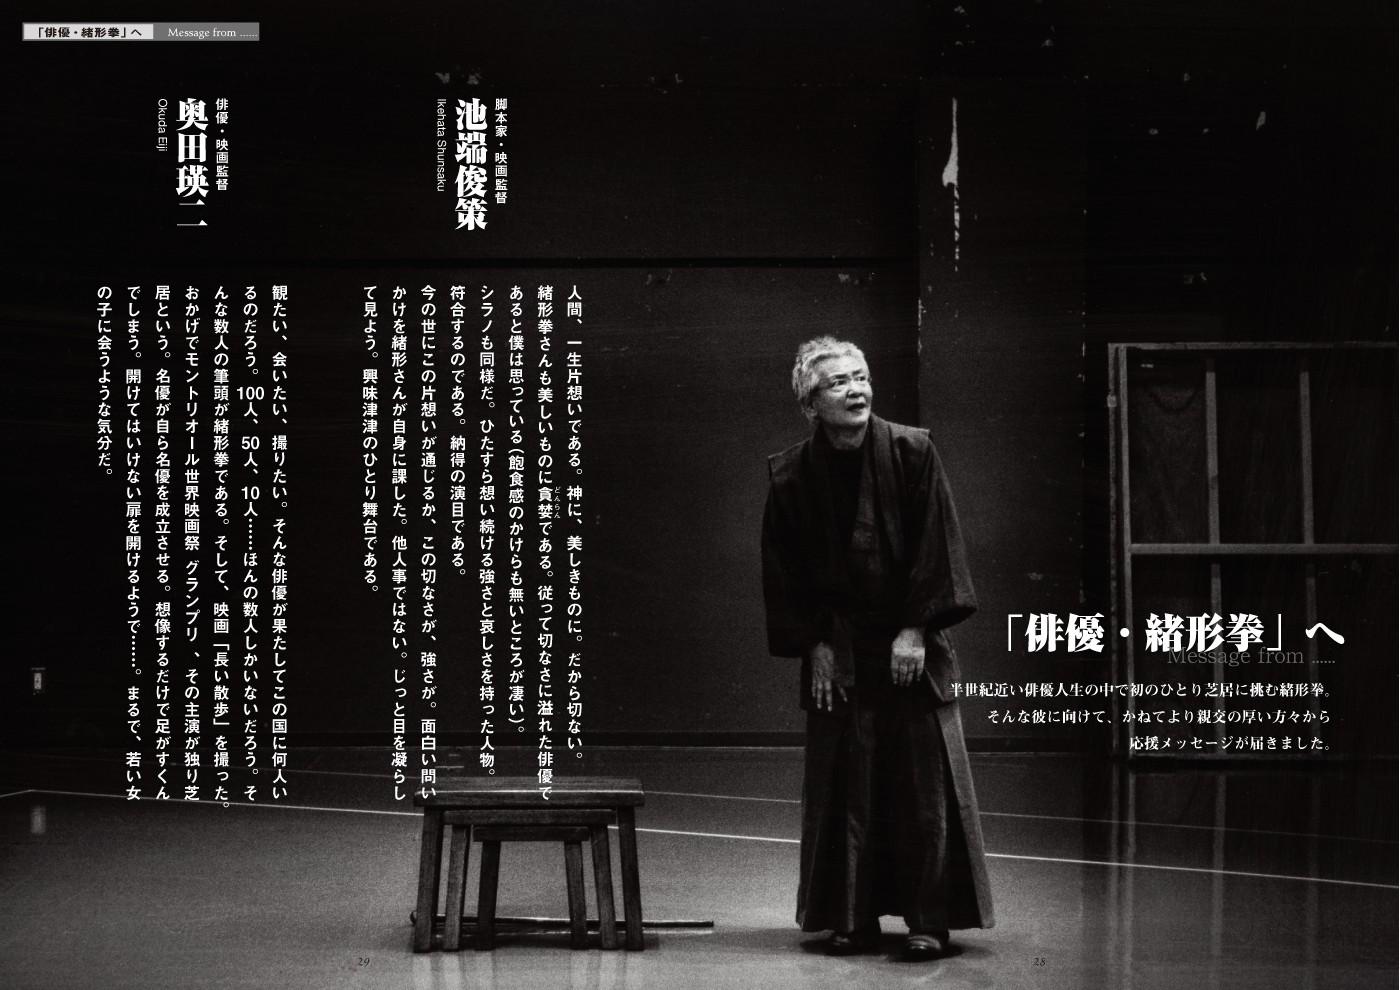 緒形拳ひとり舞台「白野」公演パンフレット